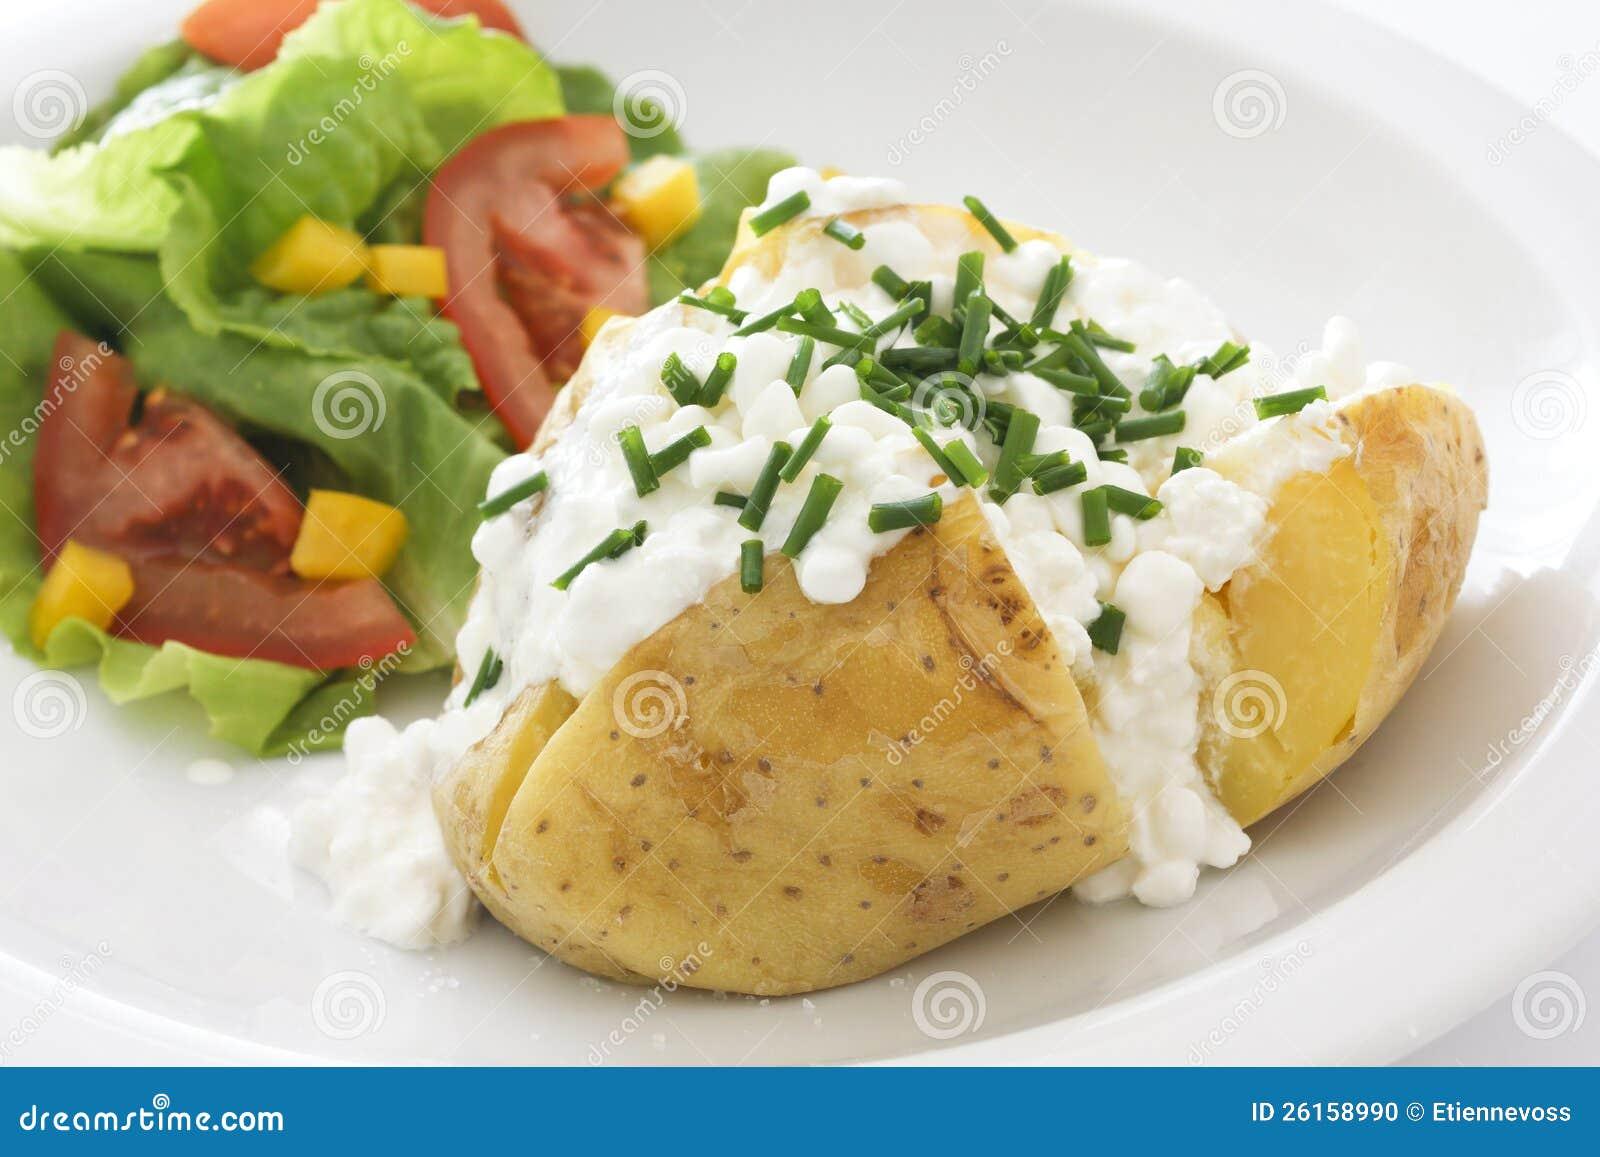 Bakad potatis med keso och gräslökar